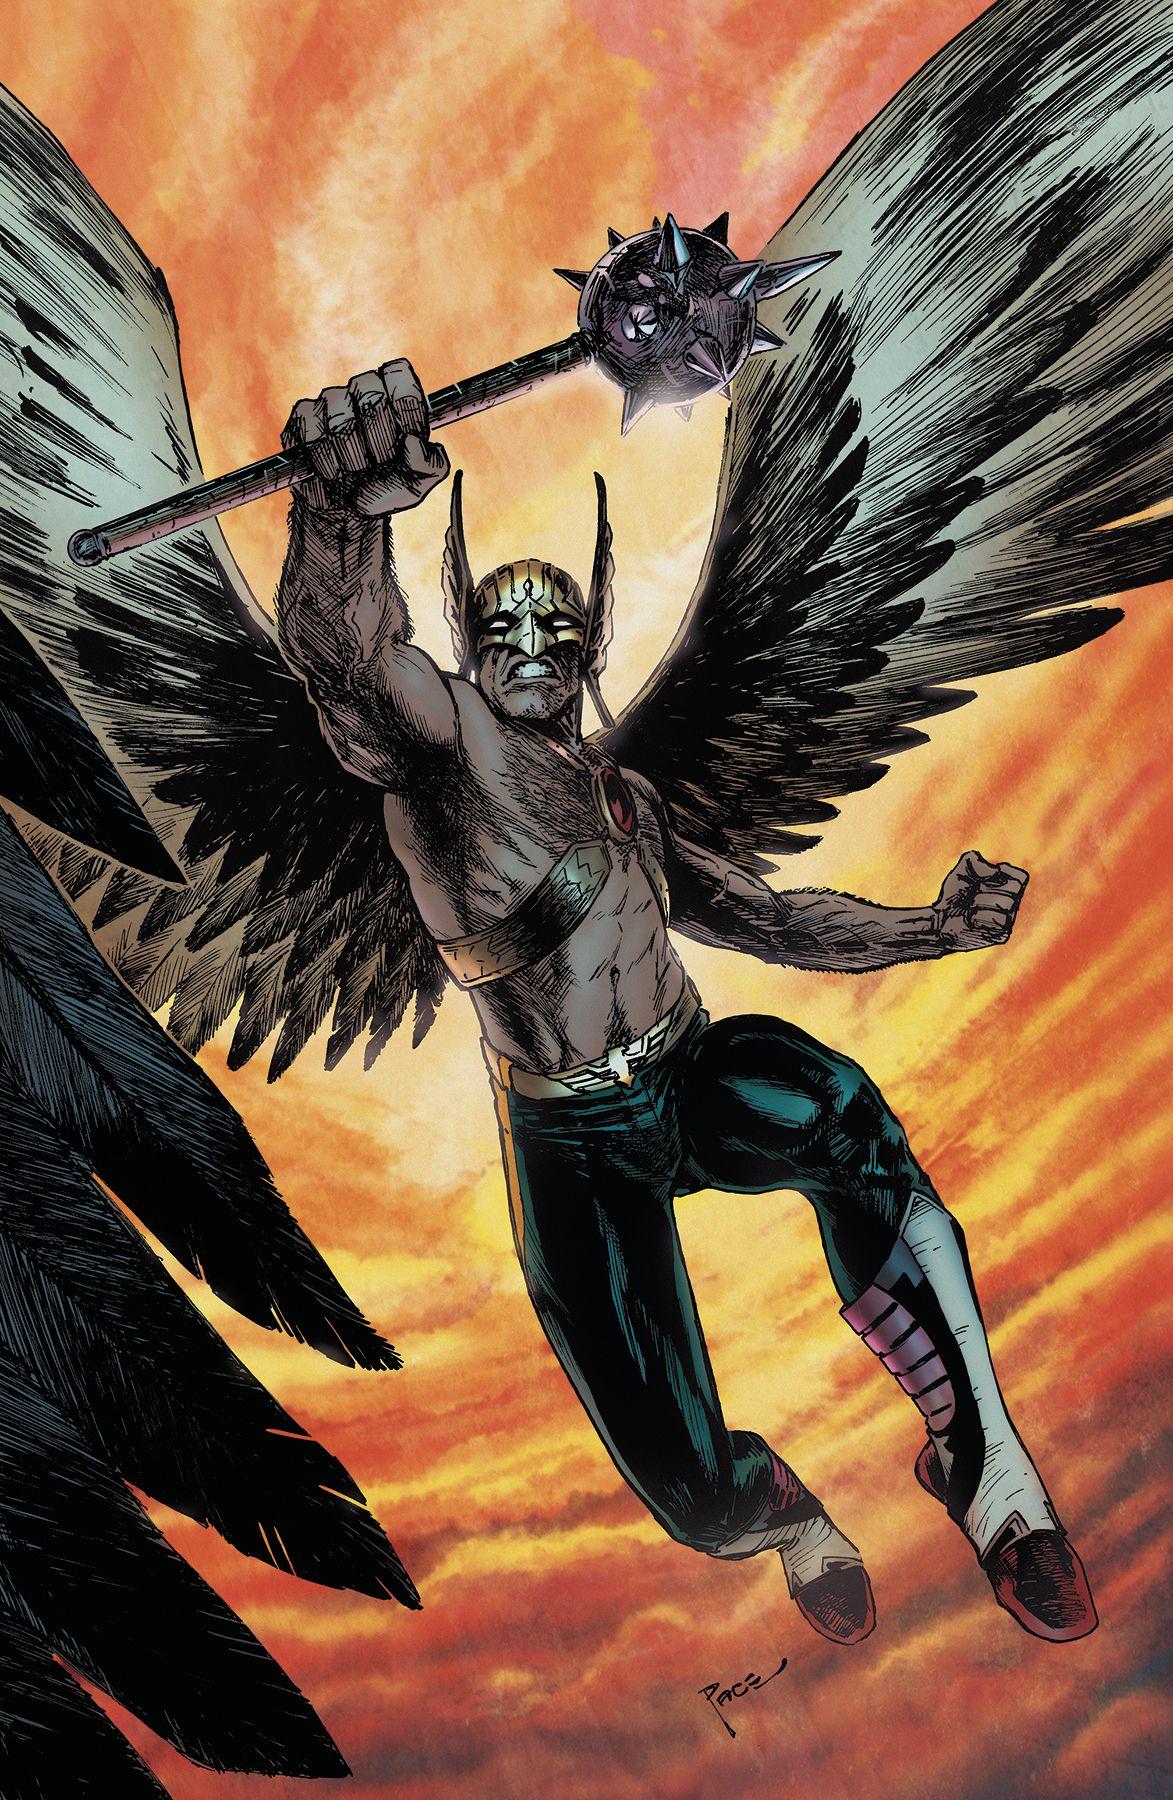 Hawkman 18 Variant Dc Comics Artwork Dc Comics Funny Dc Comics Heroes